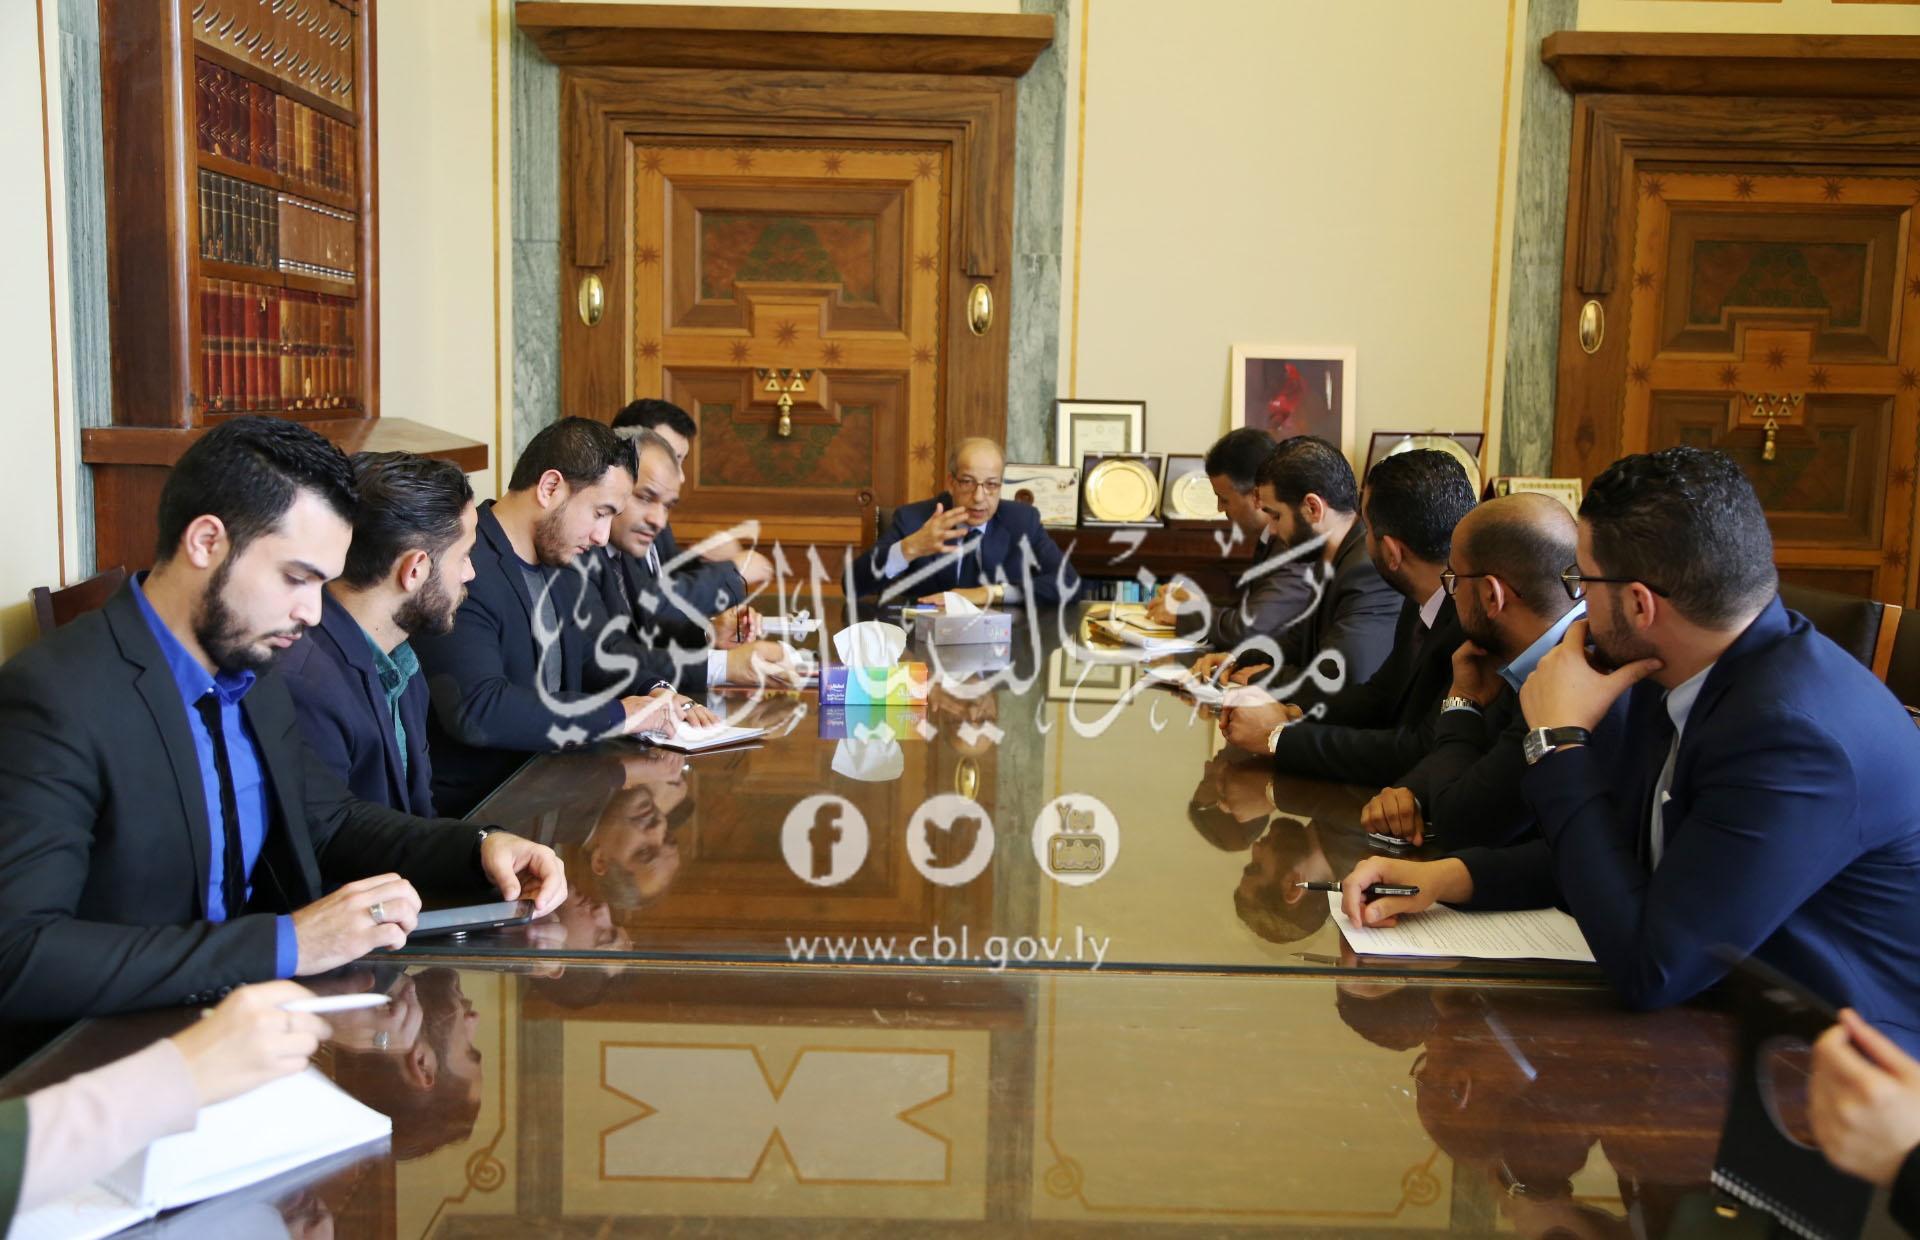 السيد المحافظ يلتقي اتحاد عام طلبة ليبيا والمنظمة الوطنية لدعم الشباب